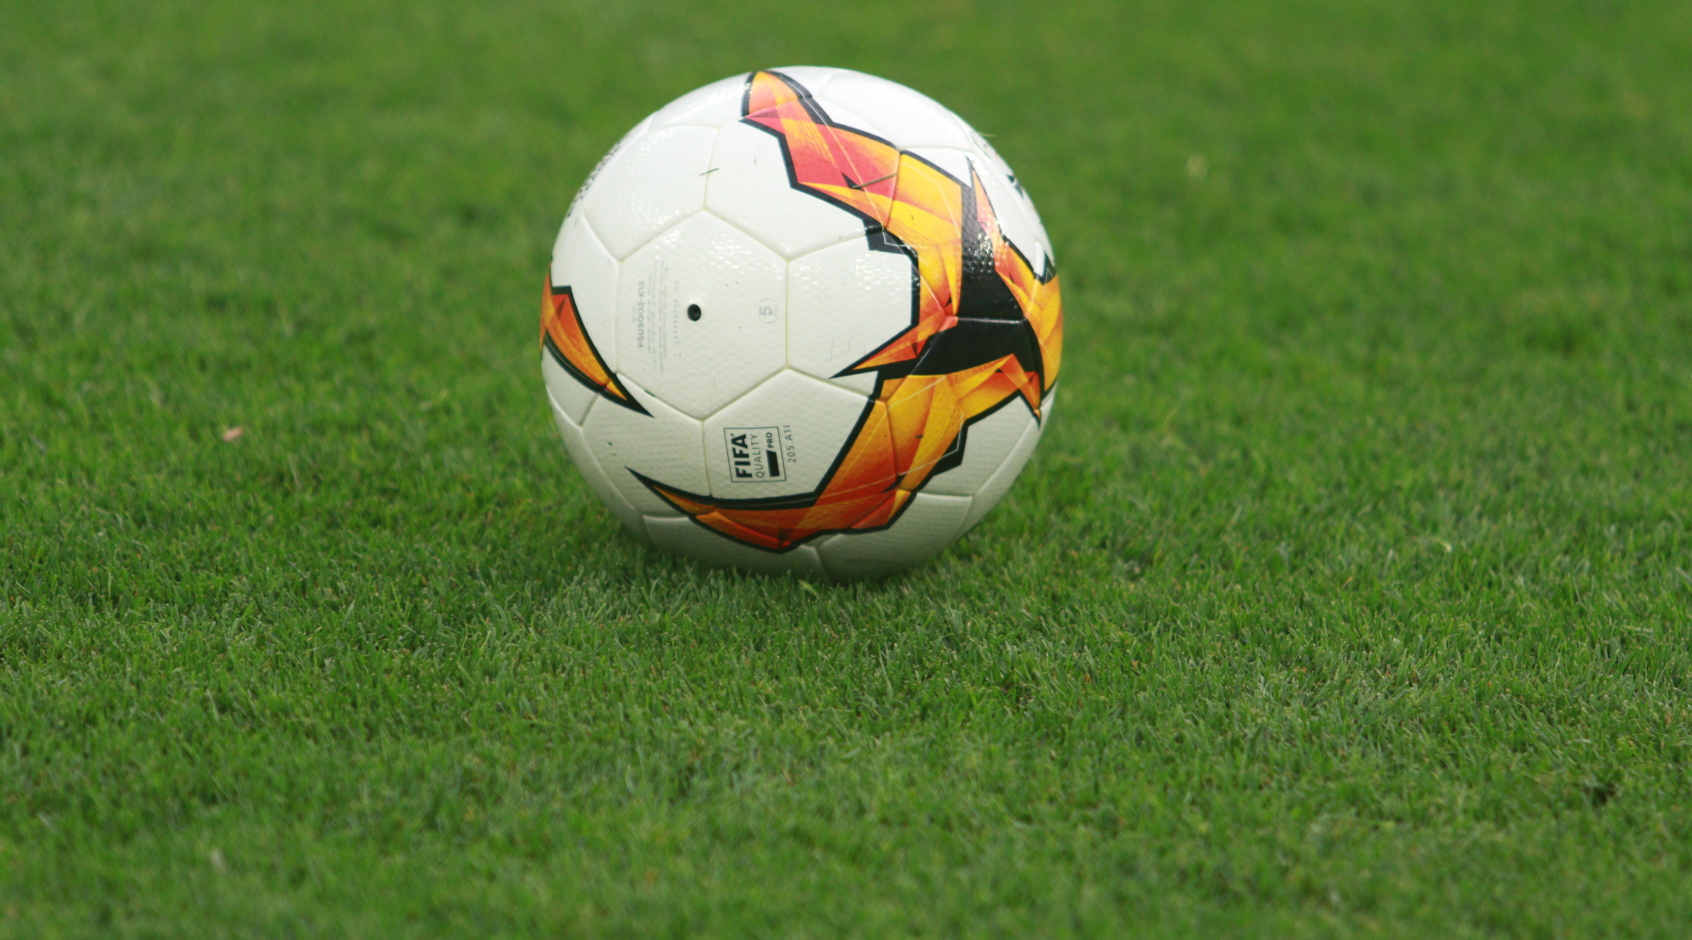 В Англии миллионер купил клуб и назначил себя тренером, дебютный матч команда проиграла